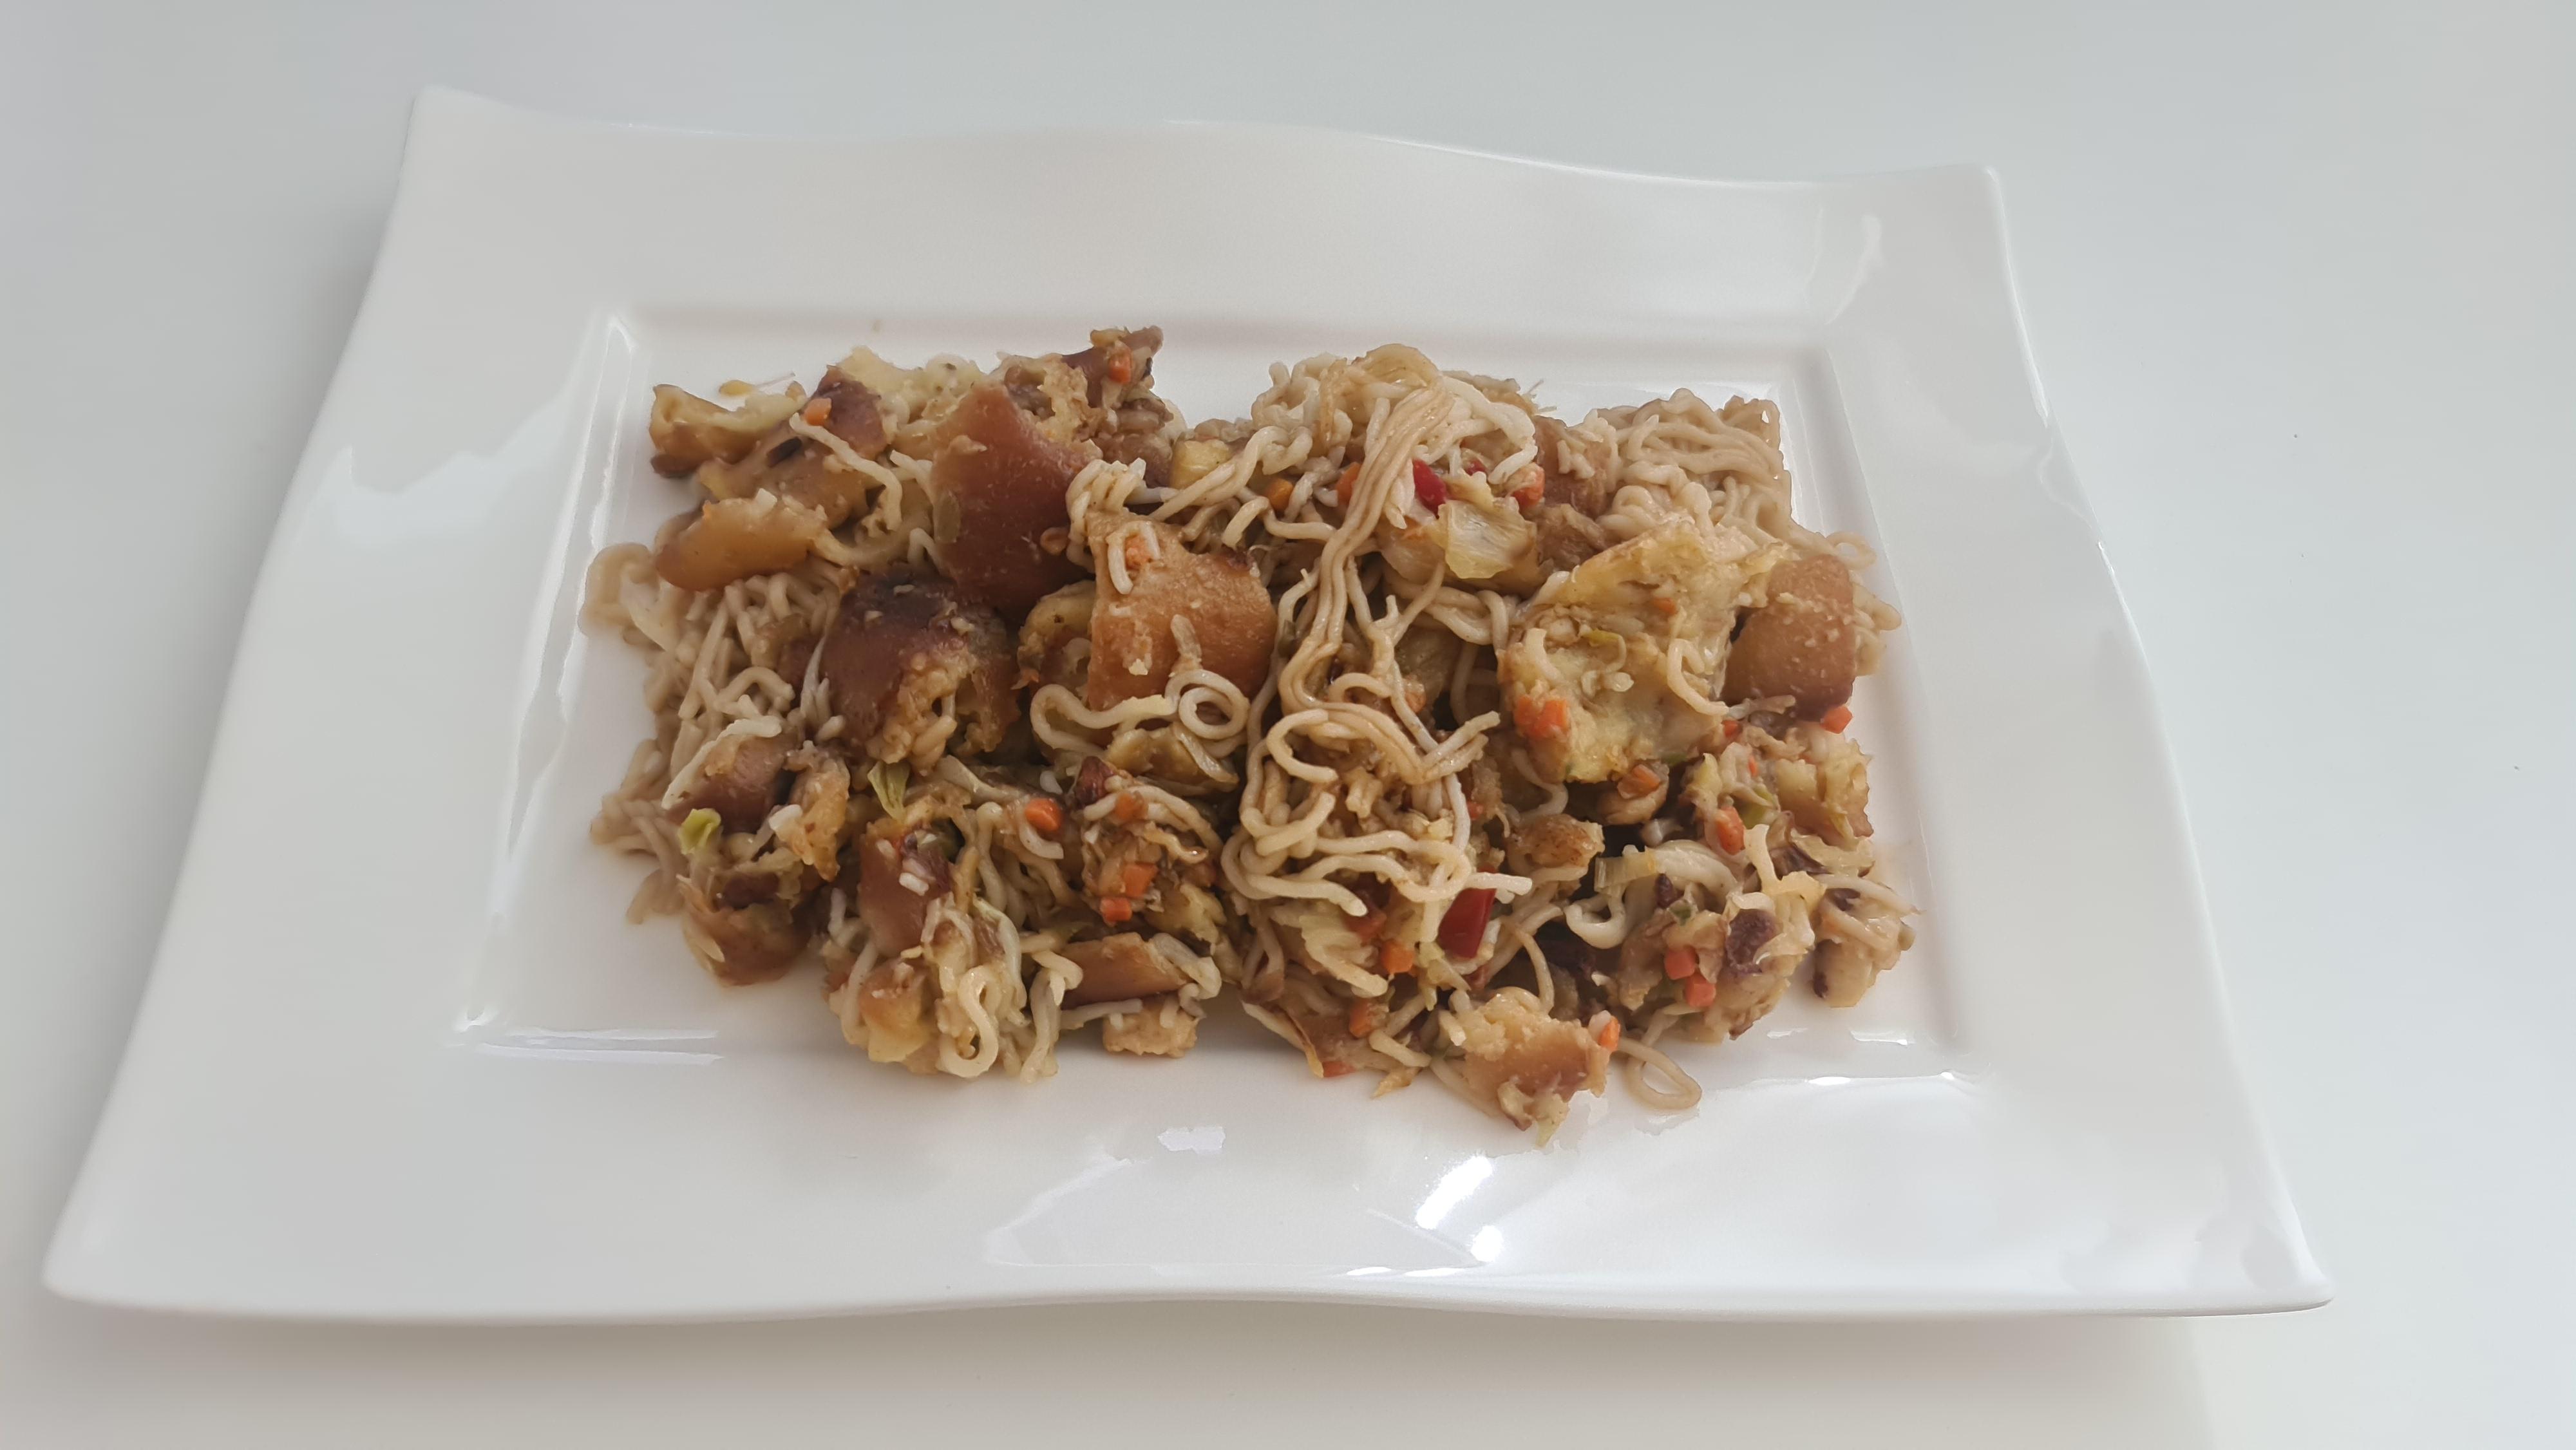 https://foodloader.net/Holz_2020-06-24_Gebratene_Nudeln_mit_Huhn_und_Gemuese.jpg